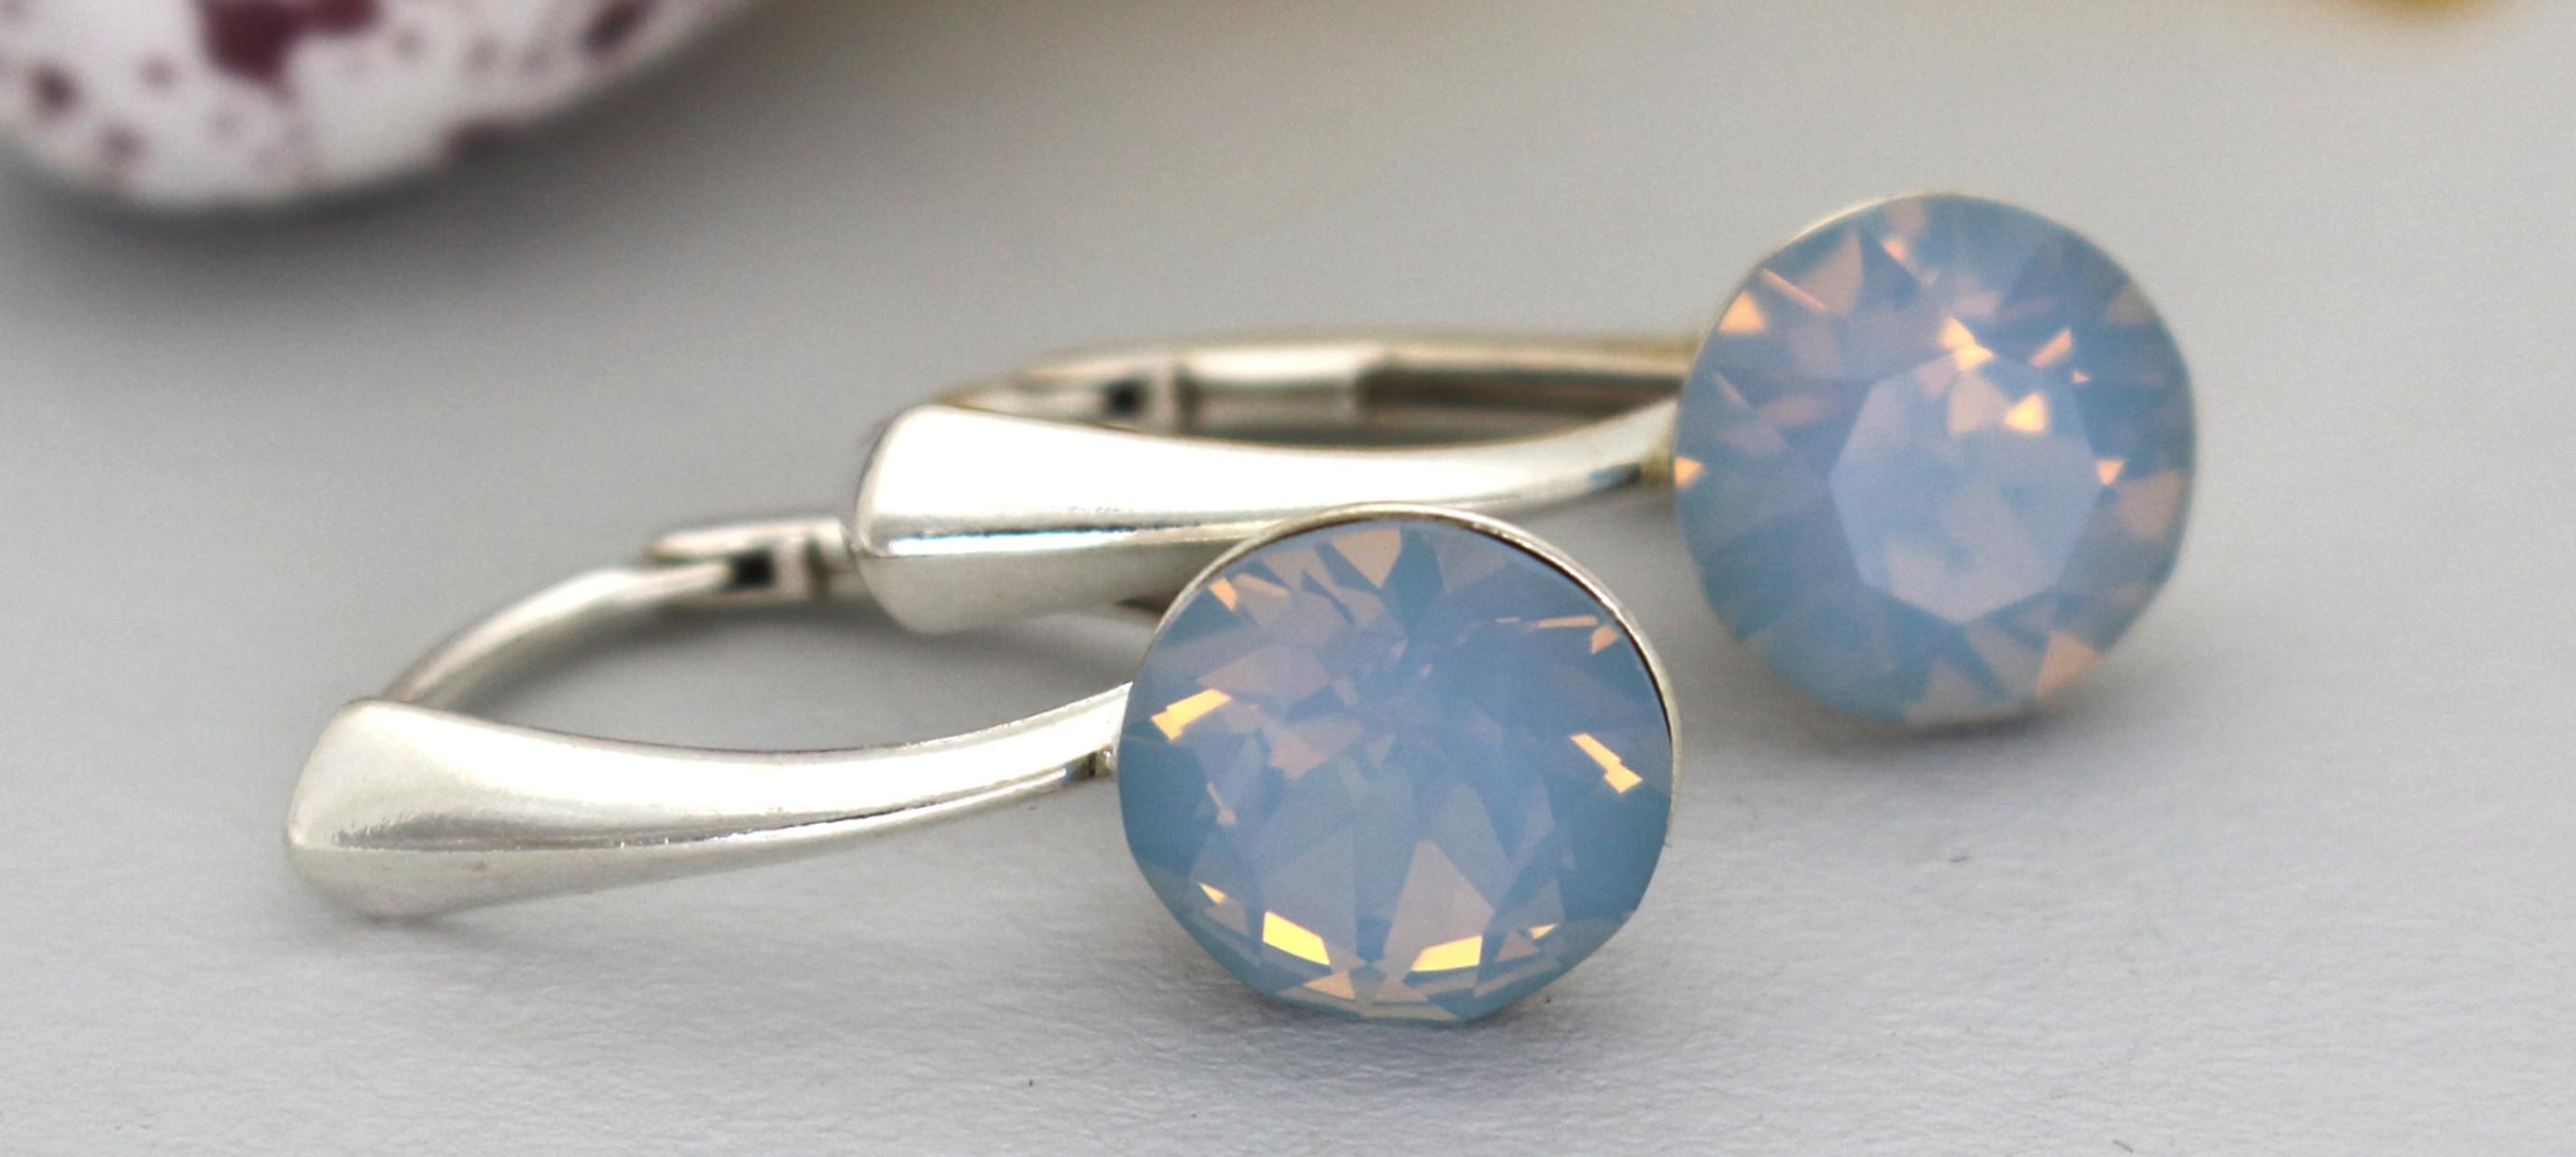 De perfecte sieraden voor elke gelegenheid;  voor je werk, feest, bruiloft of casual